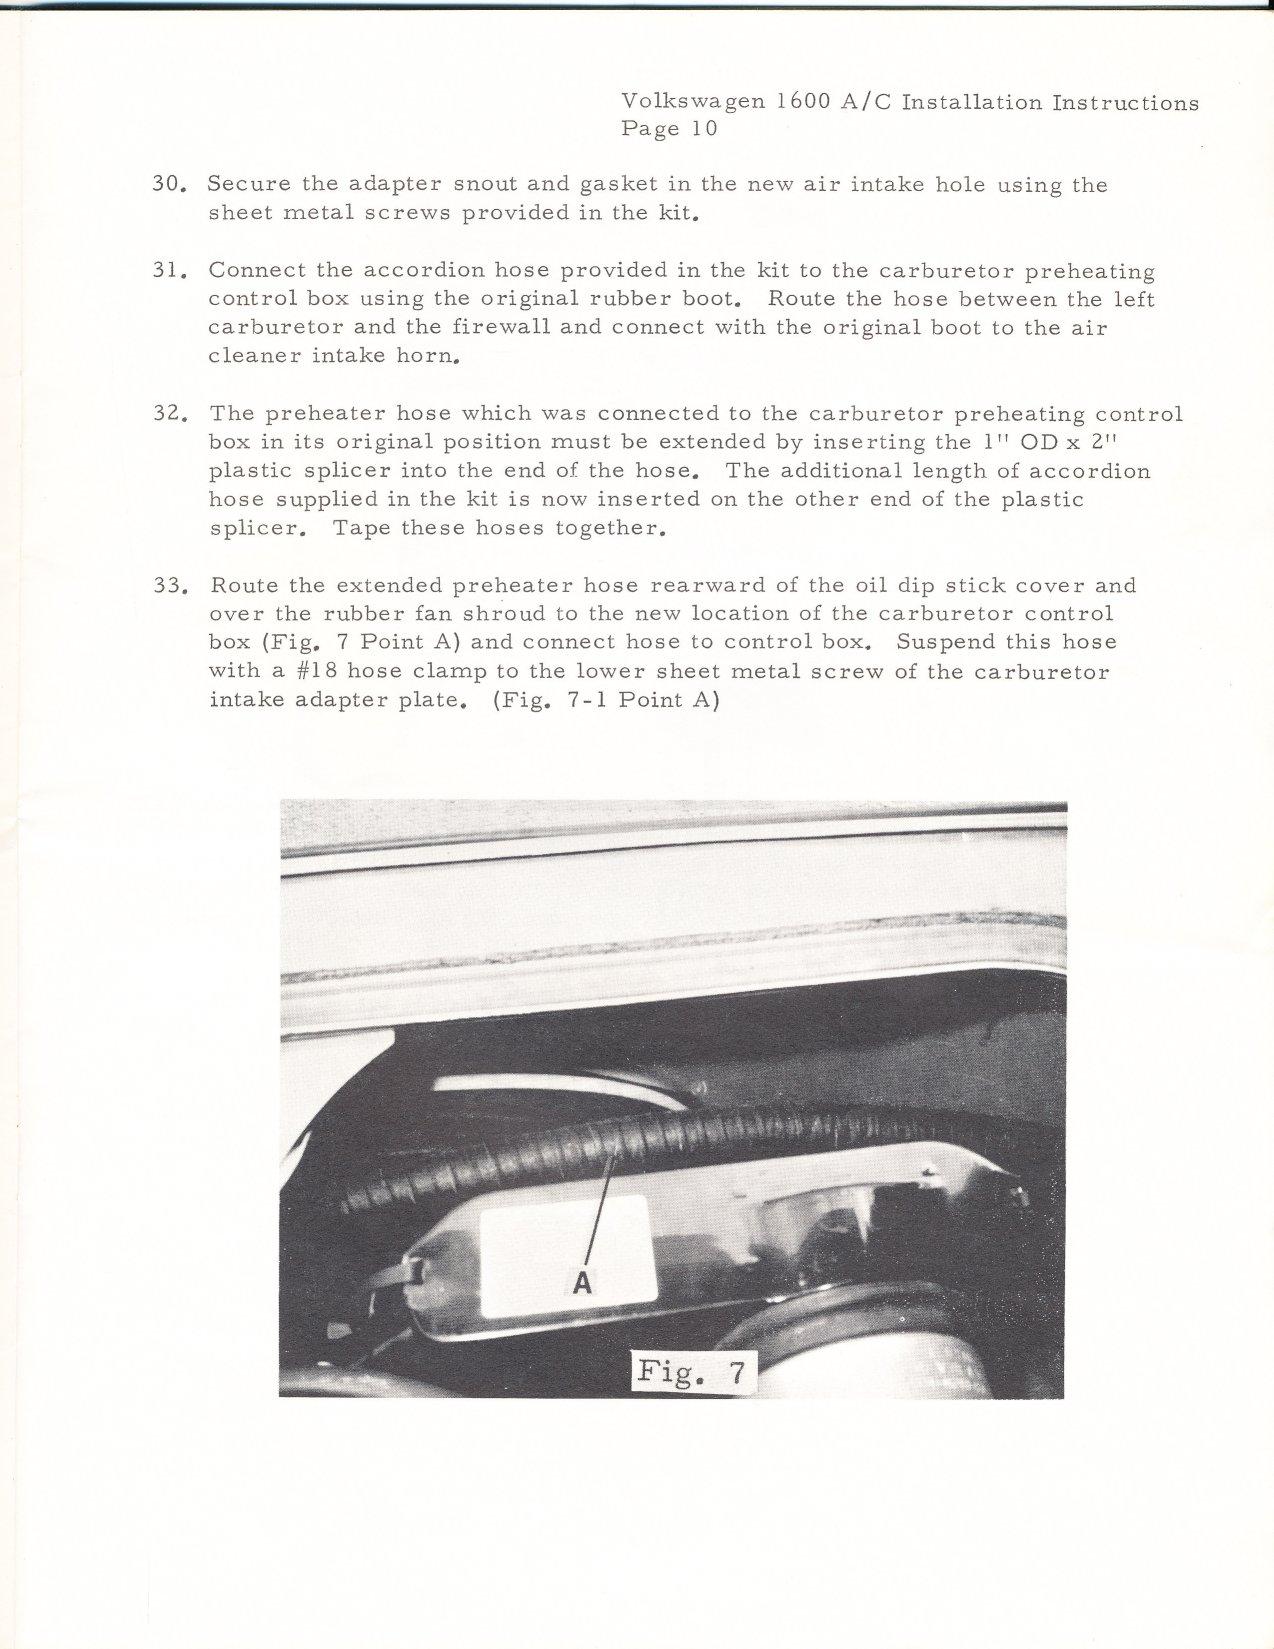 Ducane furnace owners Manual